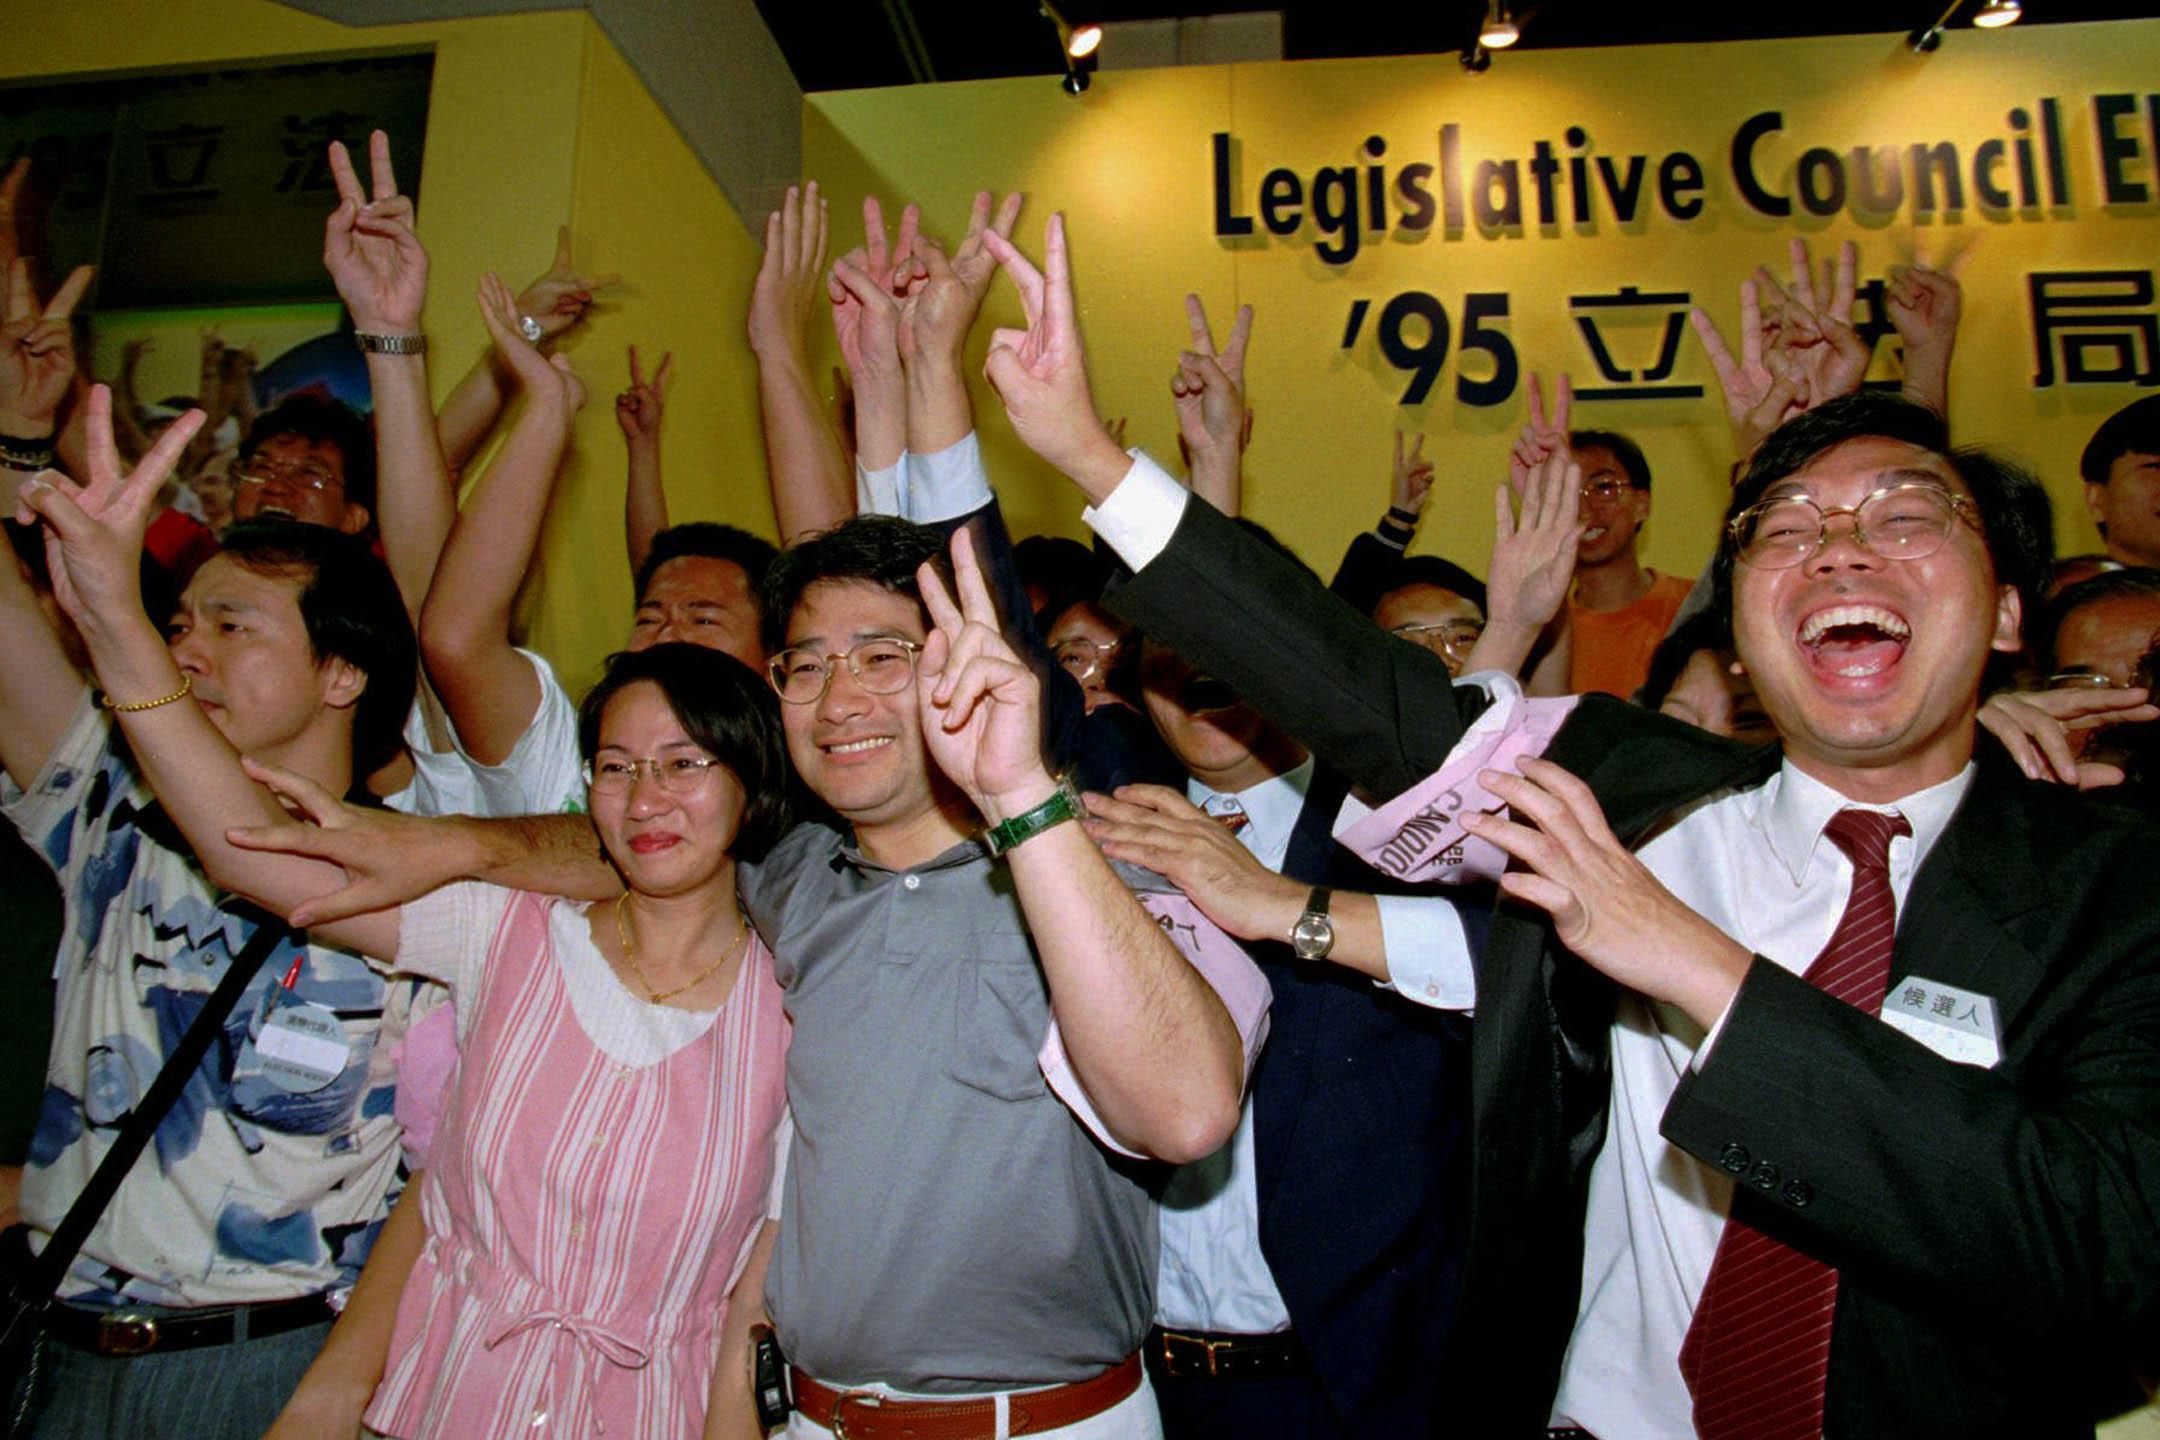 1995年9月17日,民主黨成員和支持者慶祝在回歸前最後一次立法局選舉中大勝。